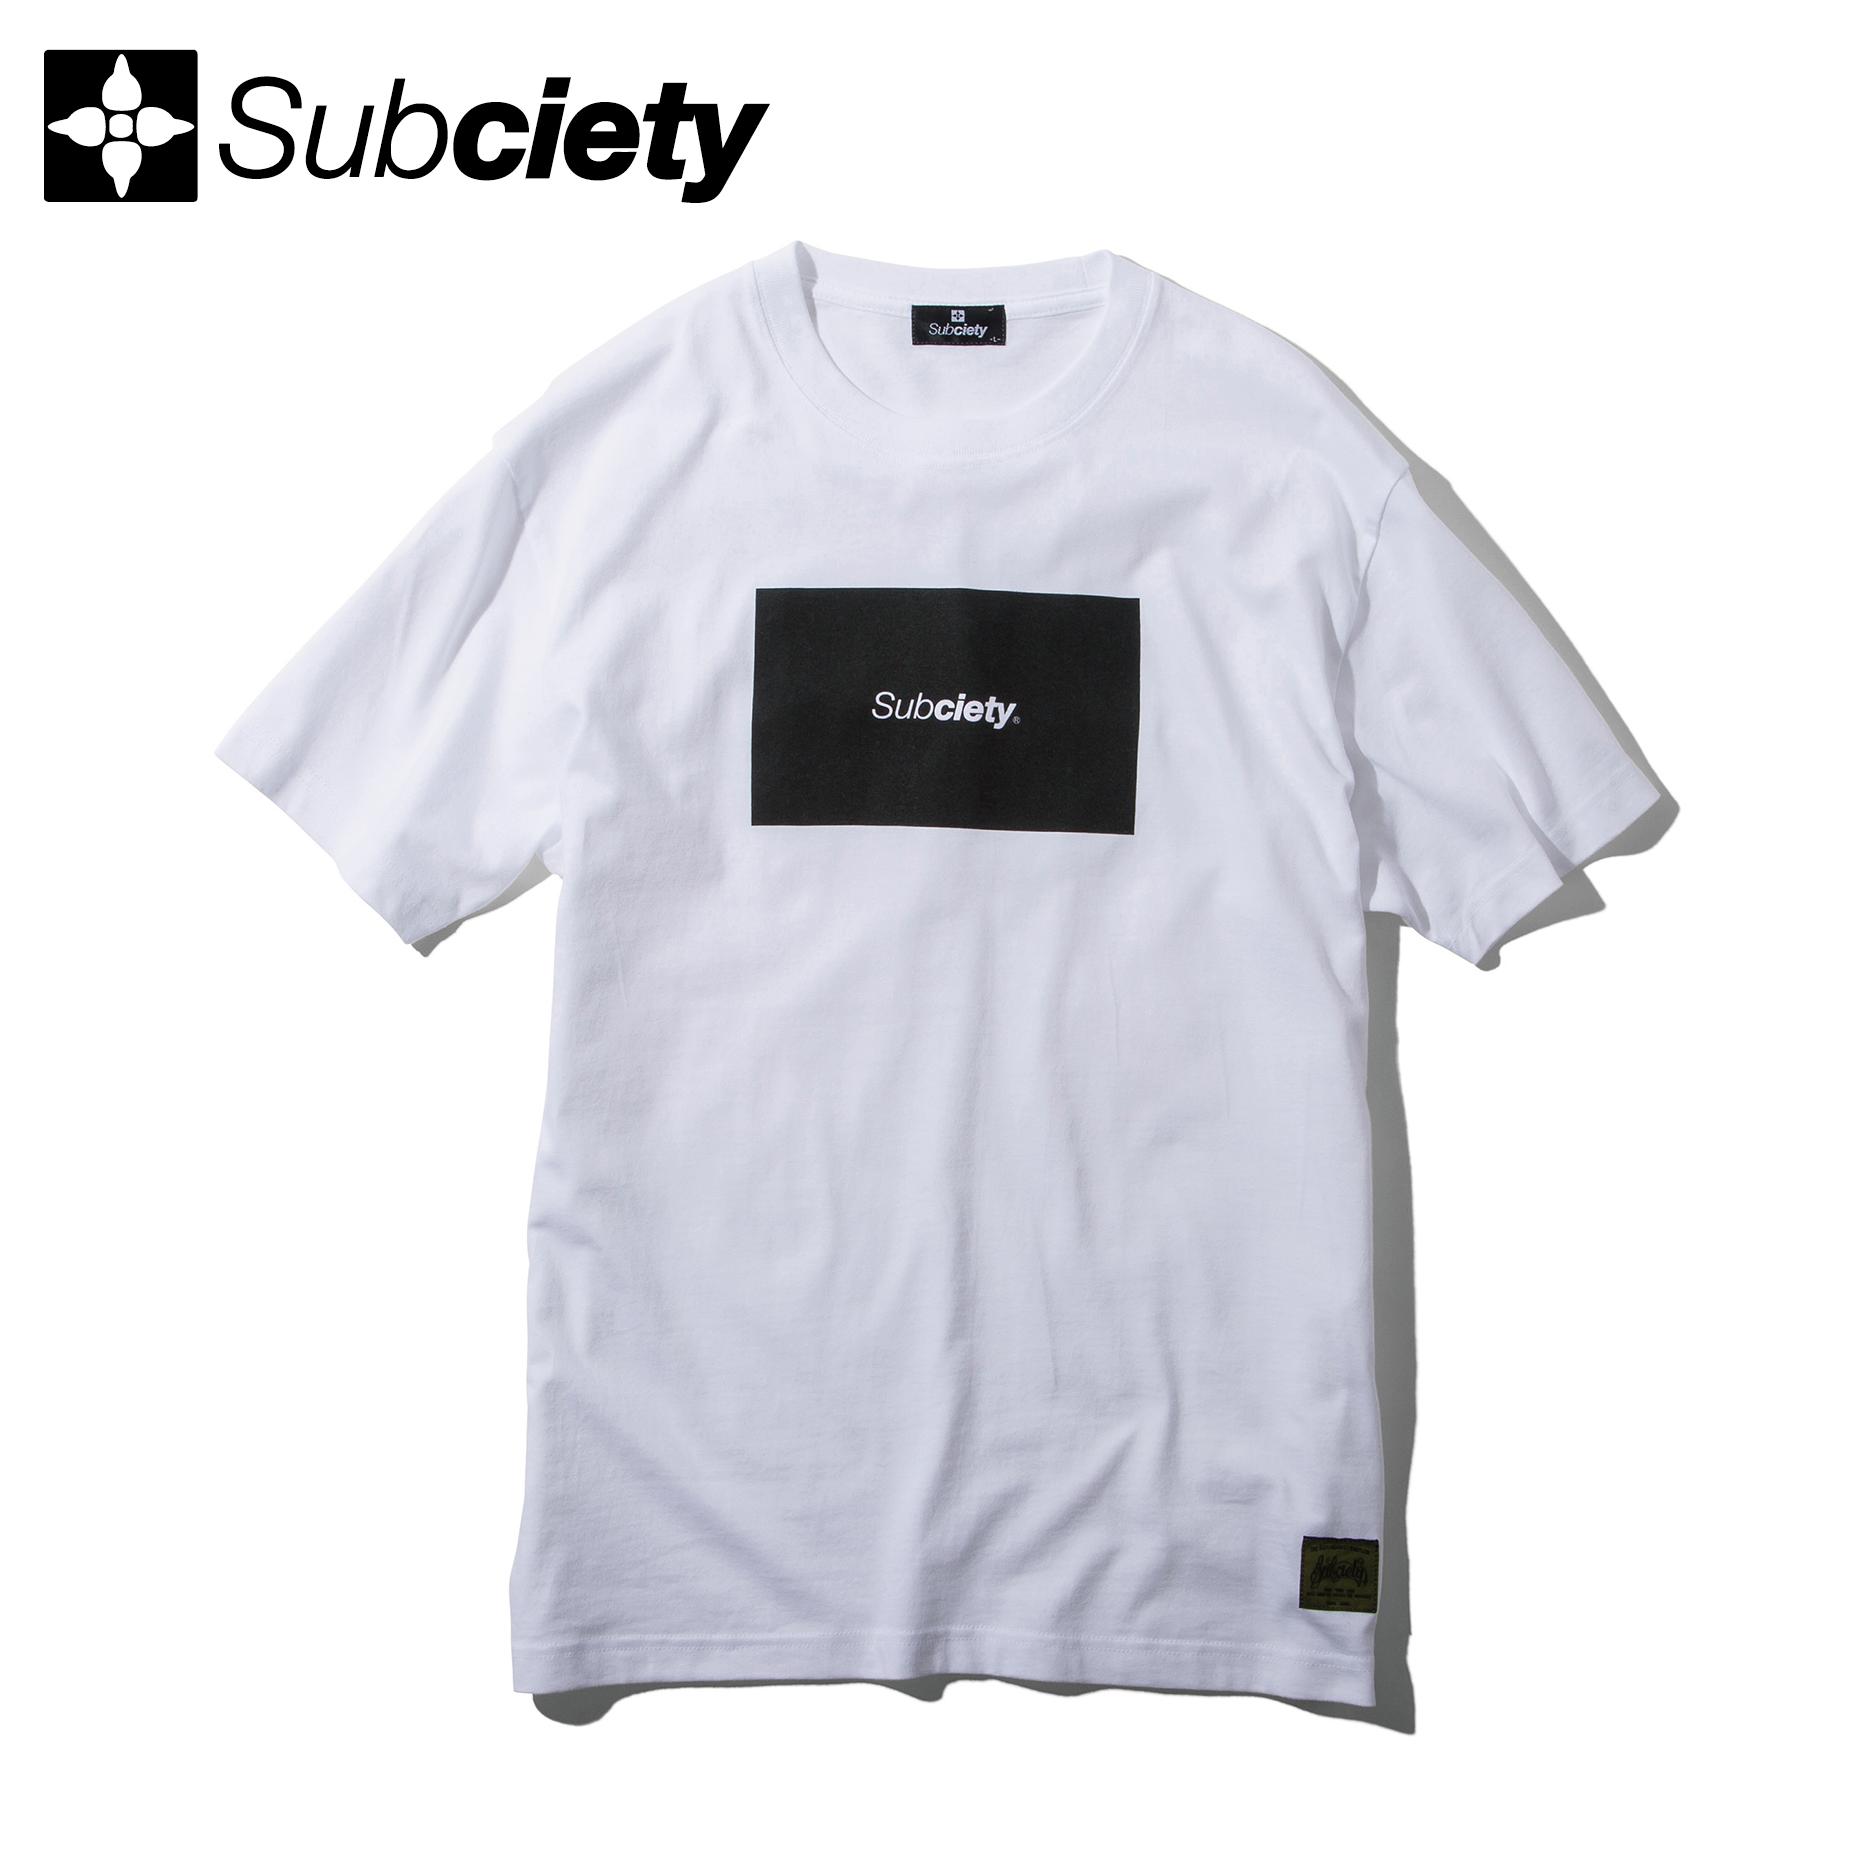 Subciety(サブサエティ) | RATIO S/S (White)